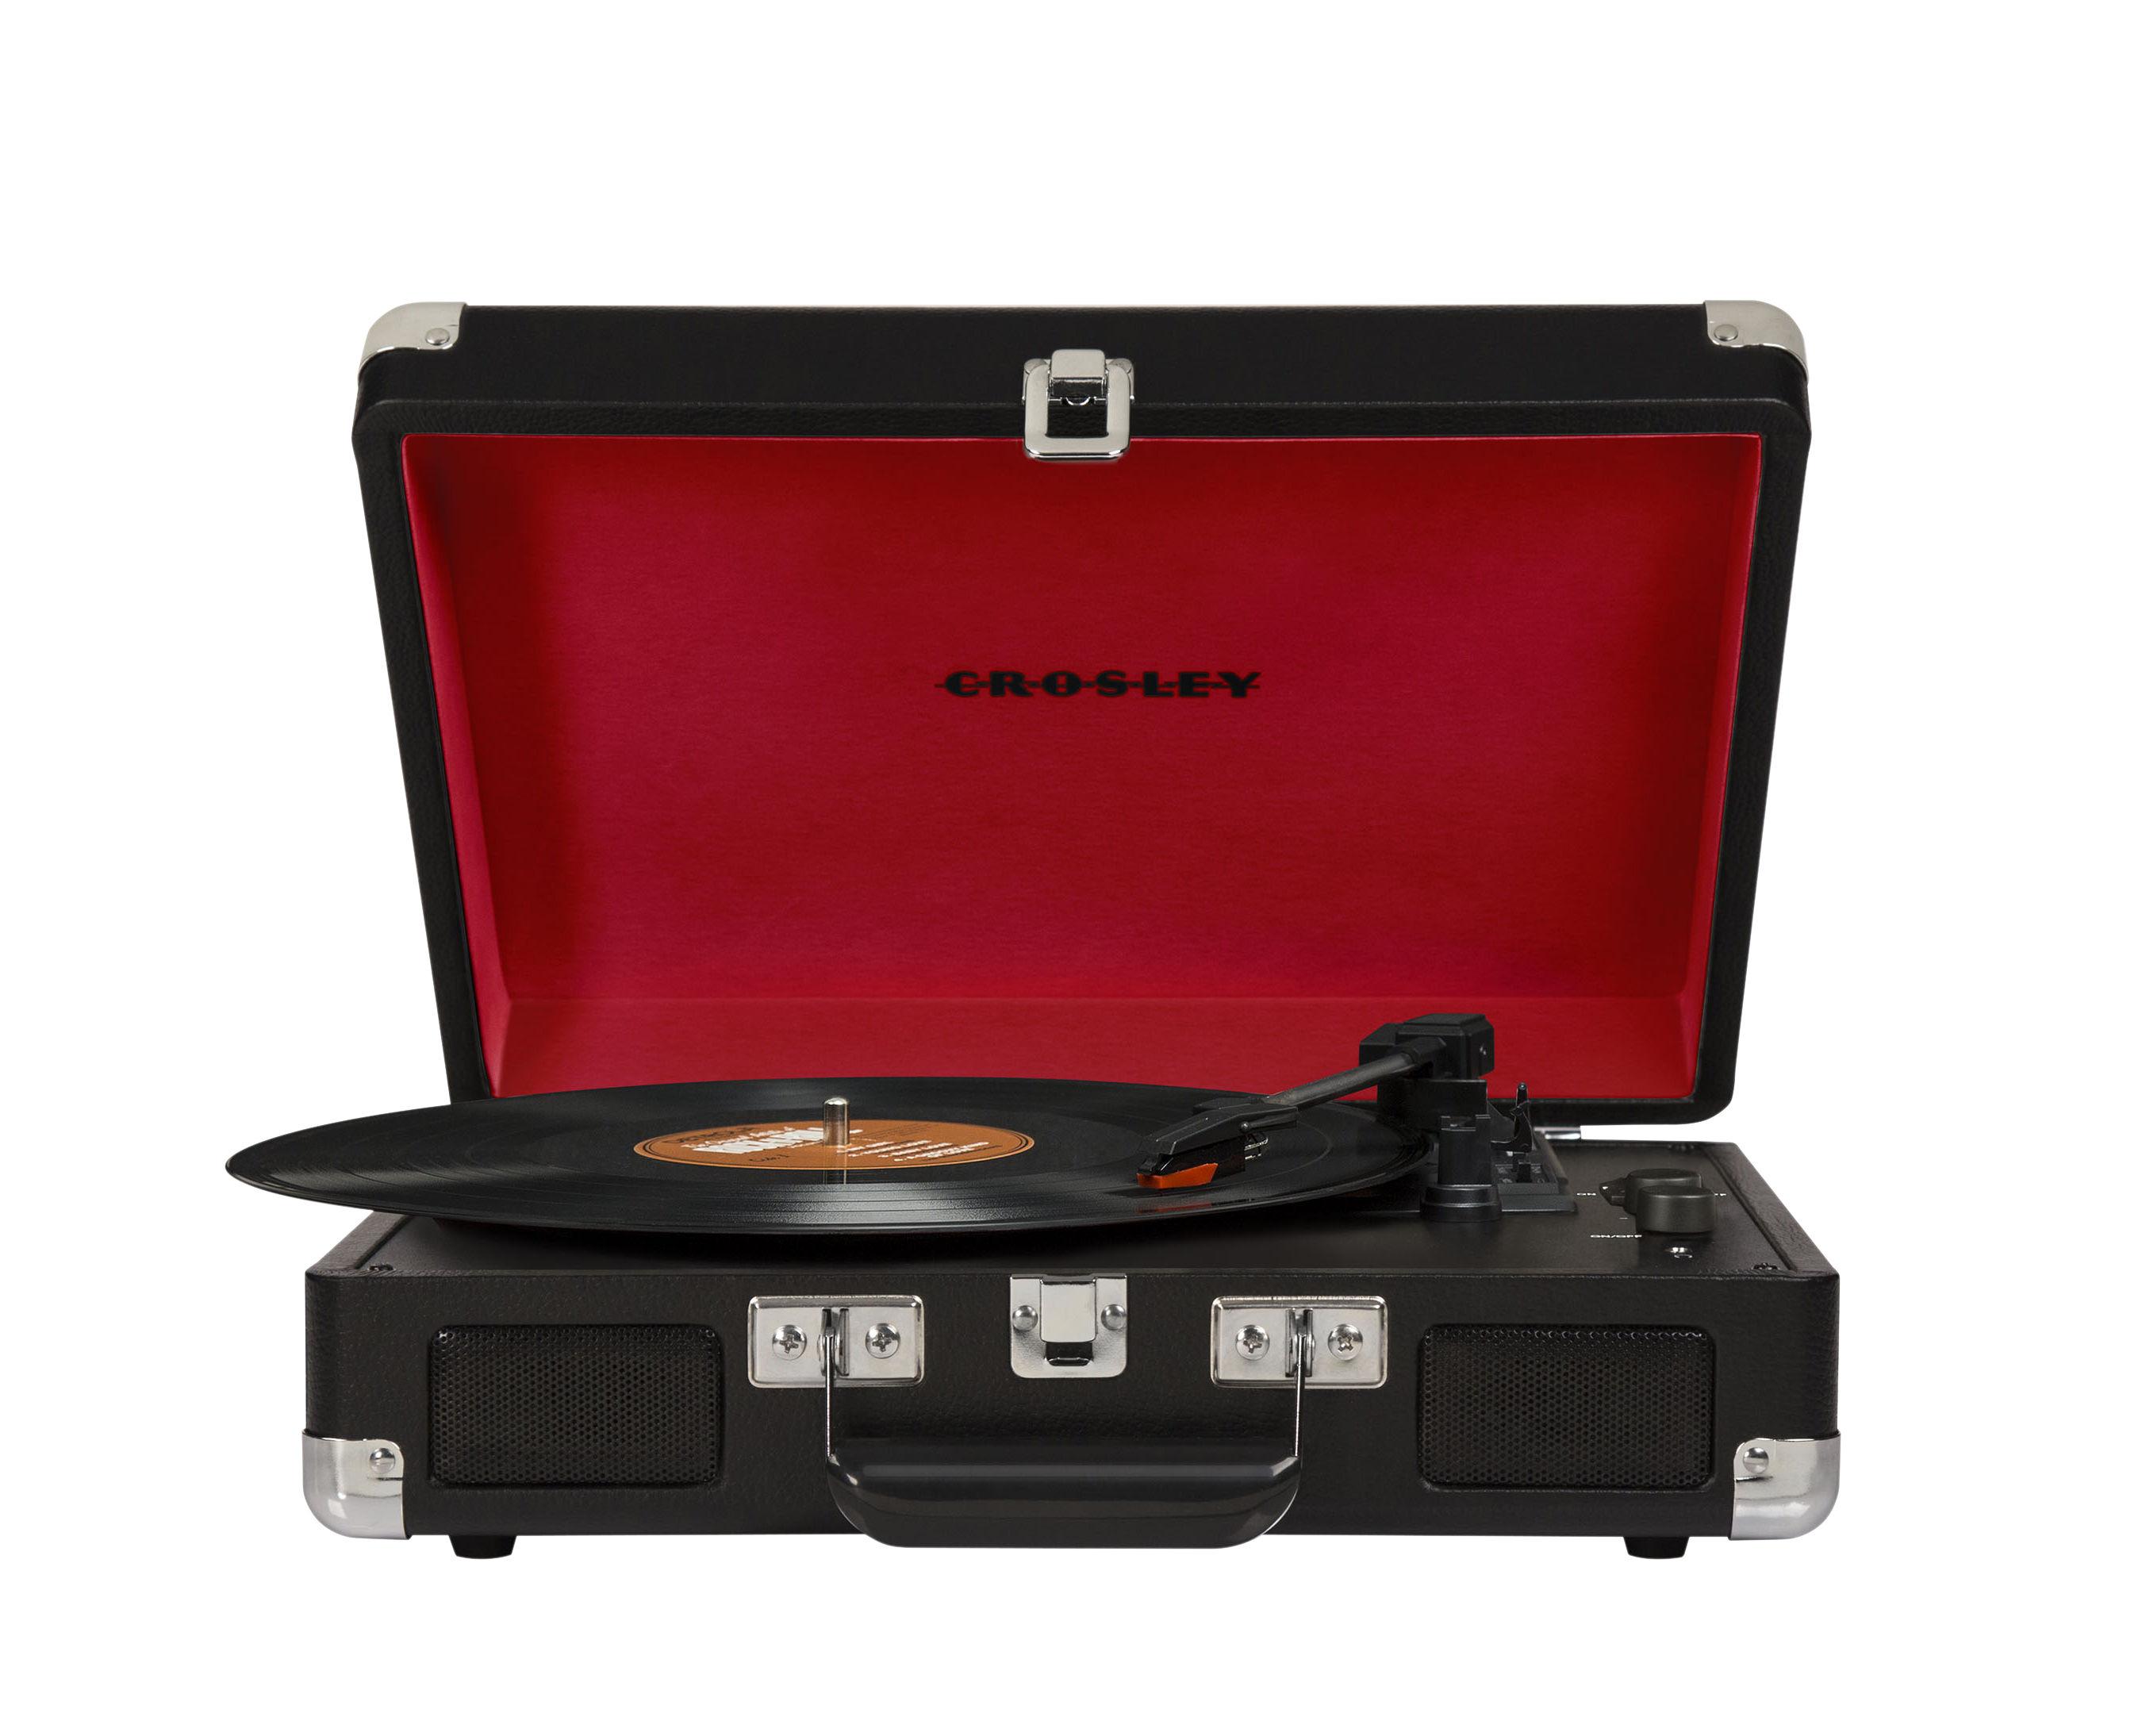 Valentinstag - Valentinstag: Unsere Geschenkideen für Ihn - Cruiser Deluxe Vinyl-Schallplatte / tragbar - mit Bluetooth - integrierte Stereolautsprecher - Crosley - Schwarz - Filz, Holz, Kunstleder, Plastikmaterial